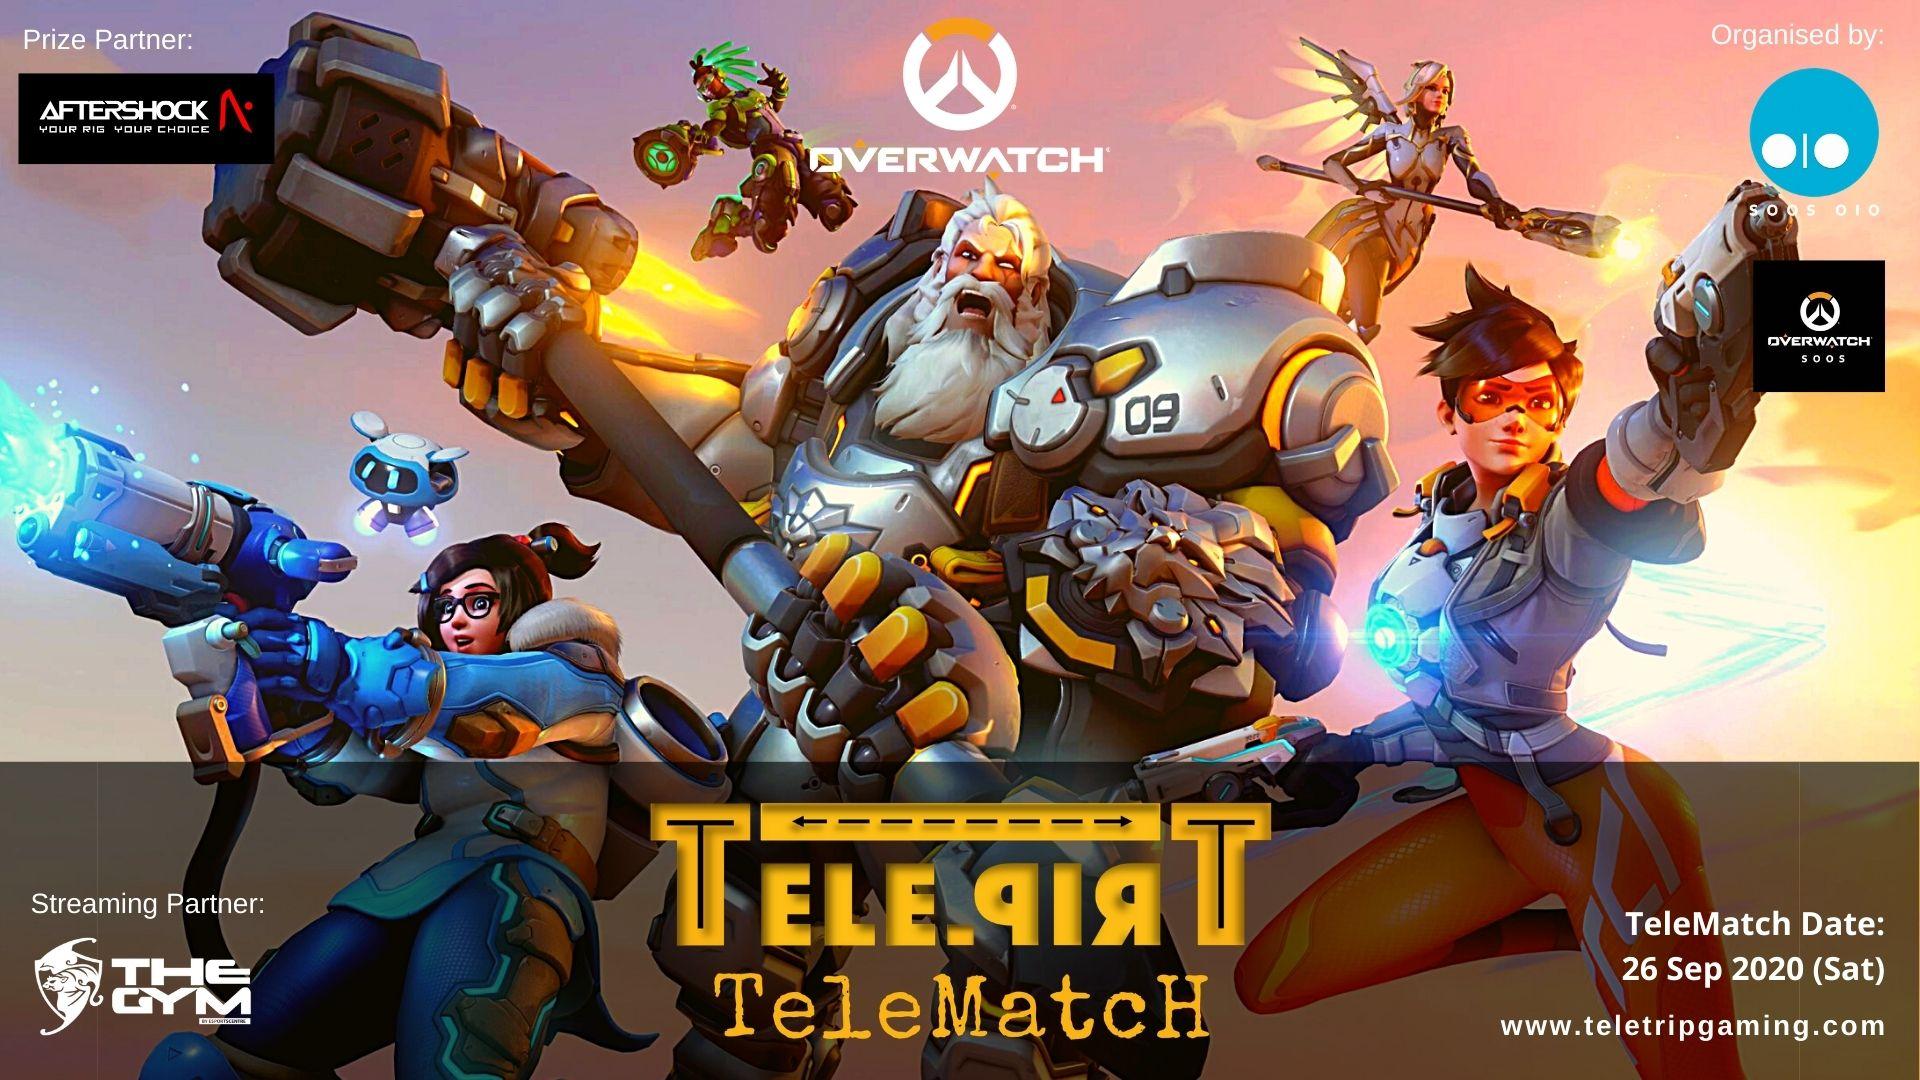 TeleMatch Overwatch 26 Sep 2020